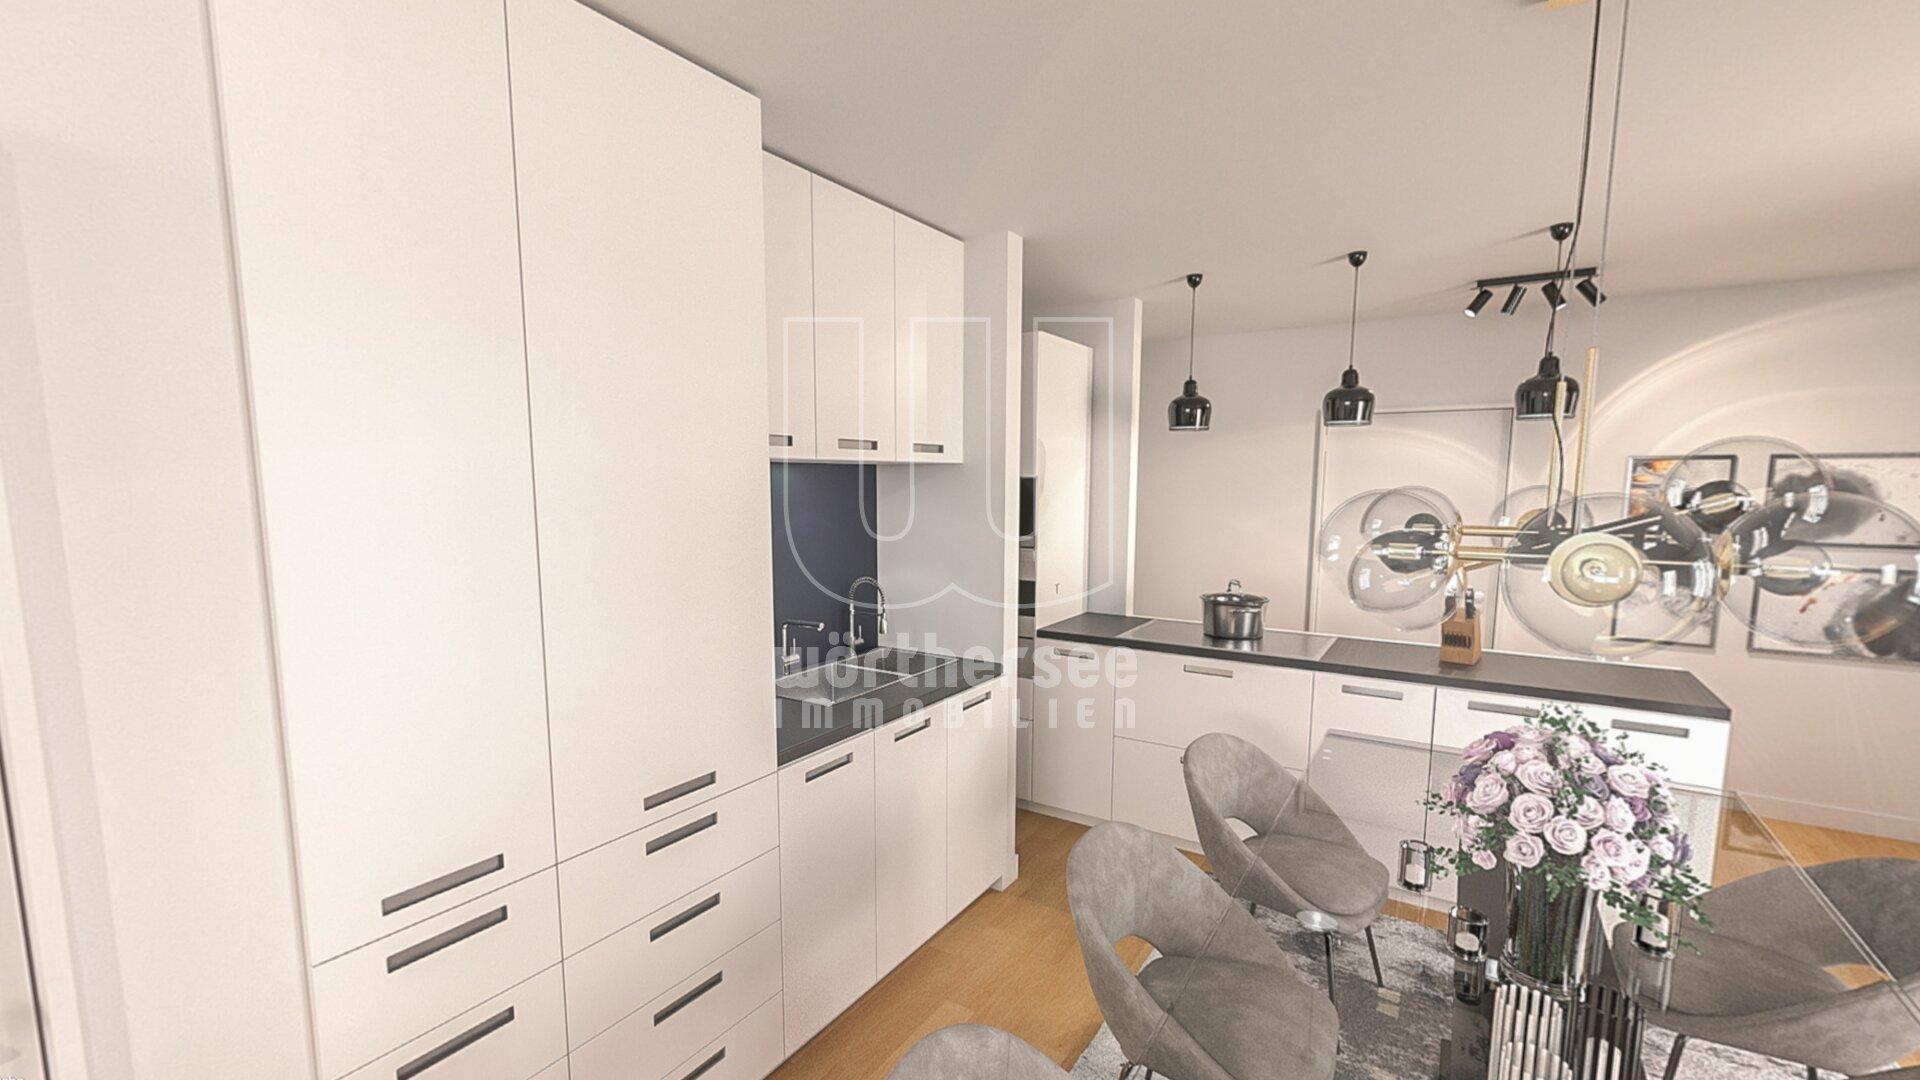 PH-Küchen-Visualisierung